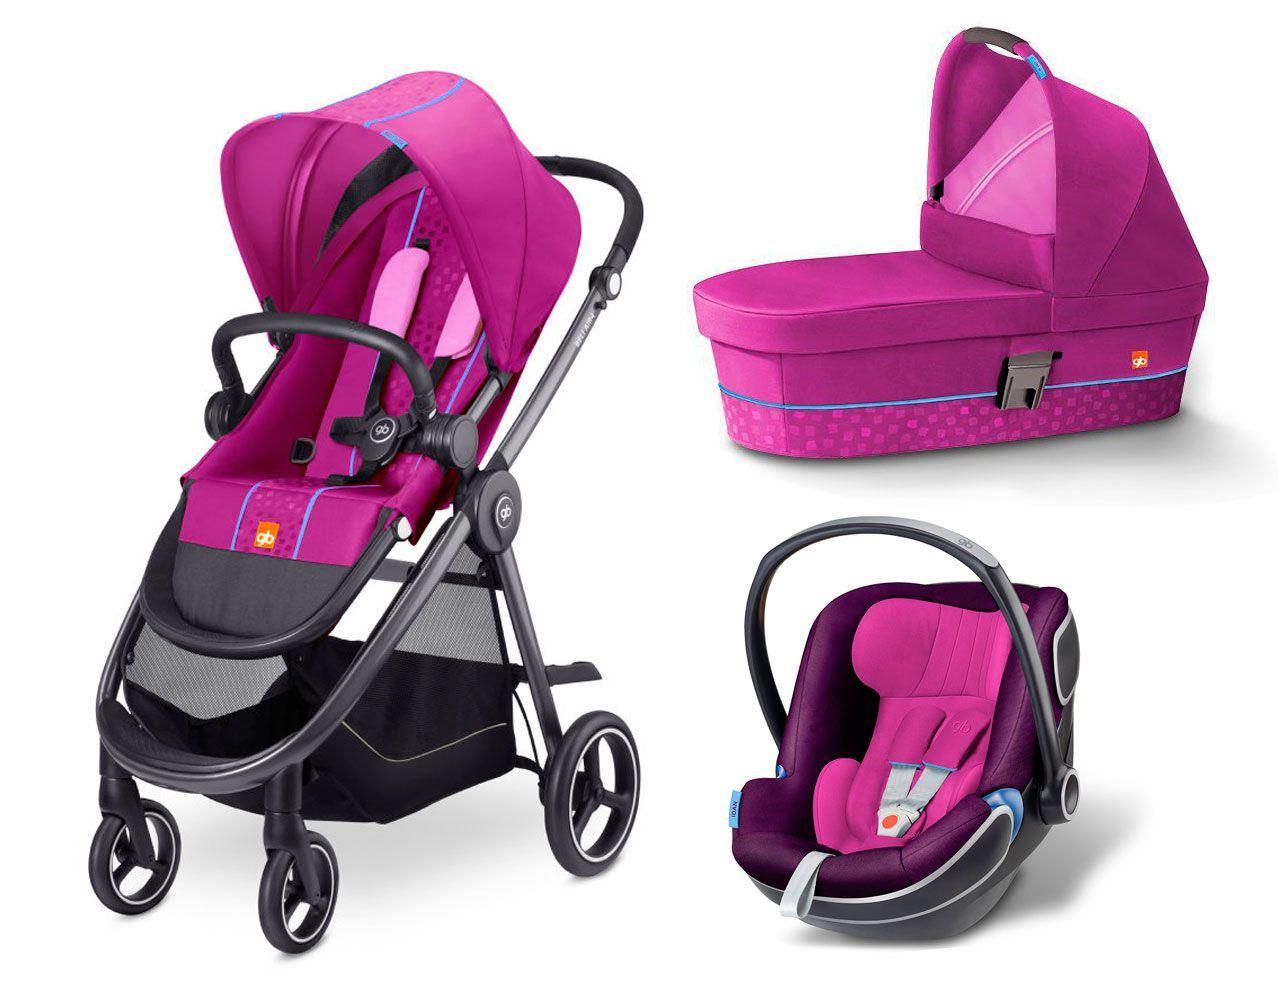 coche de bebe Beli Air 4 de GB Psh Pink